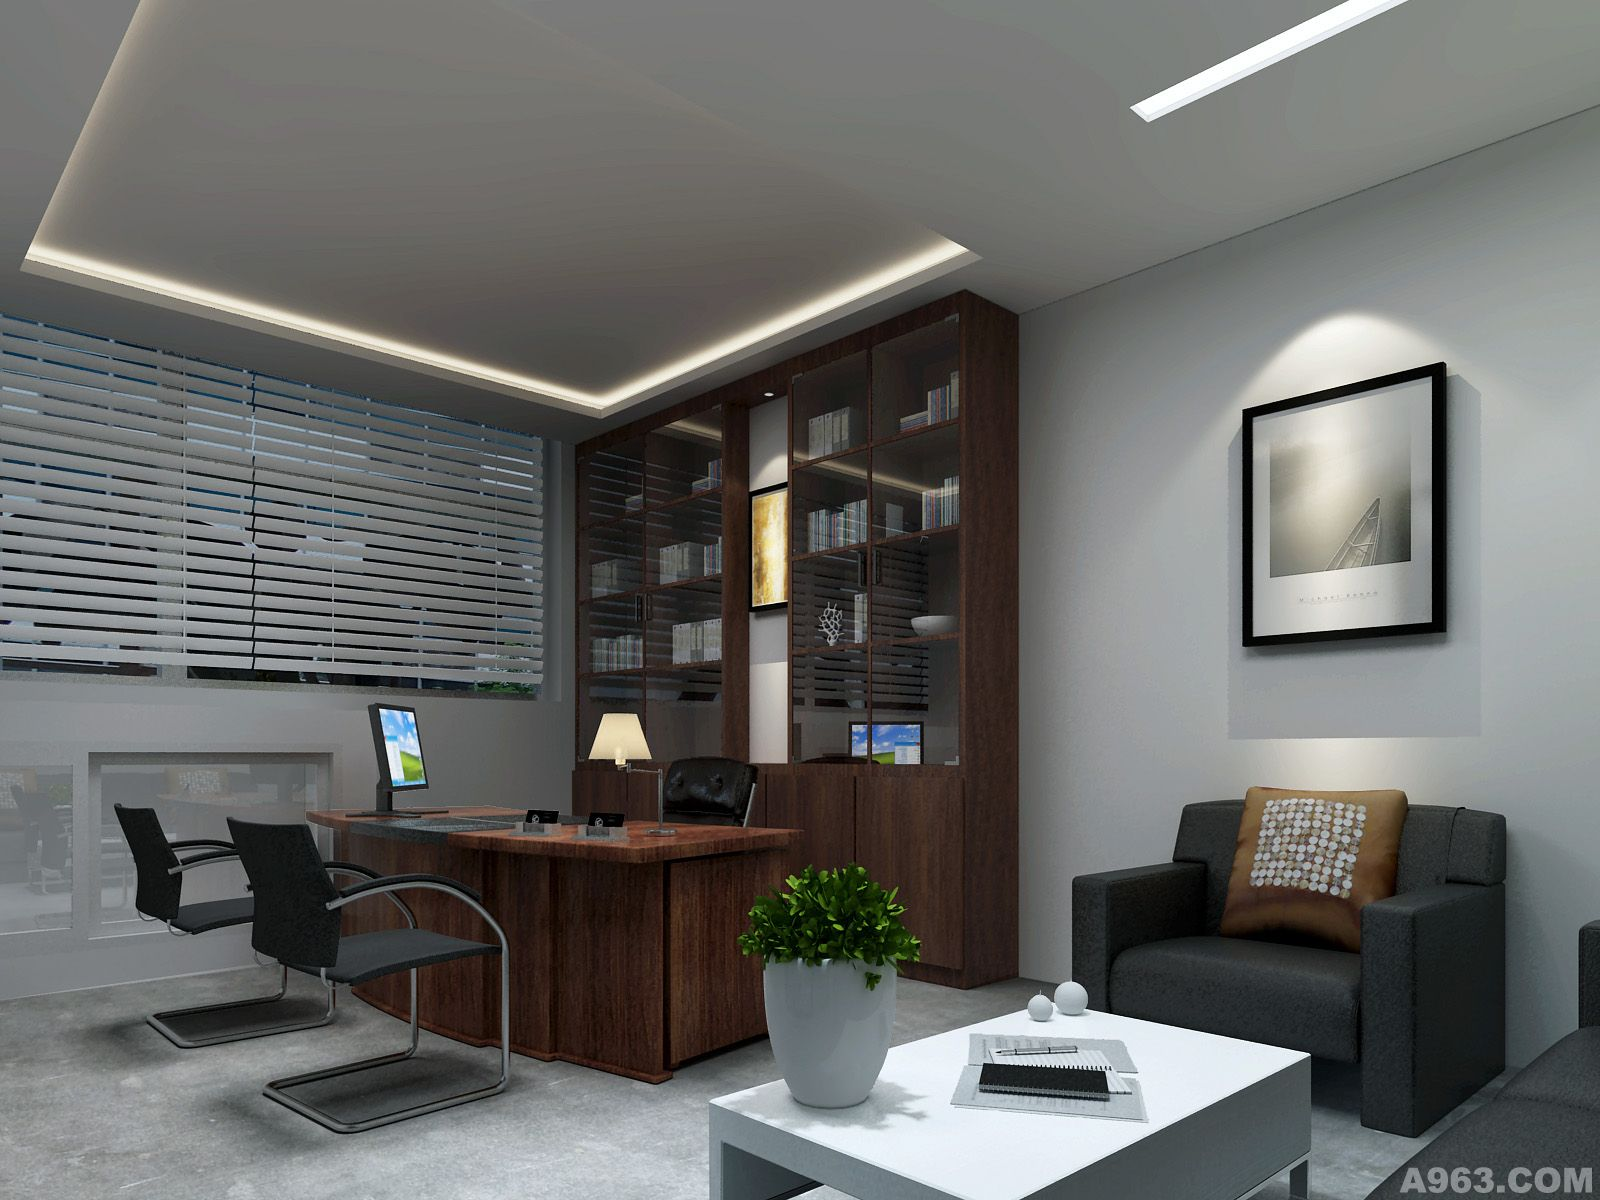 互联网企业写字楼办公空间室内装饰设计